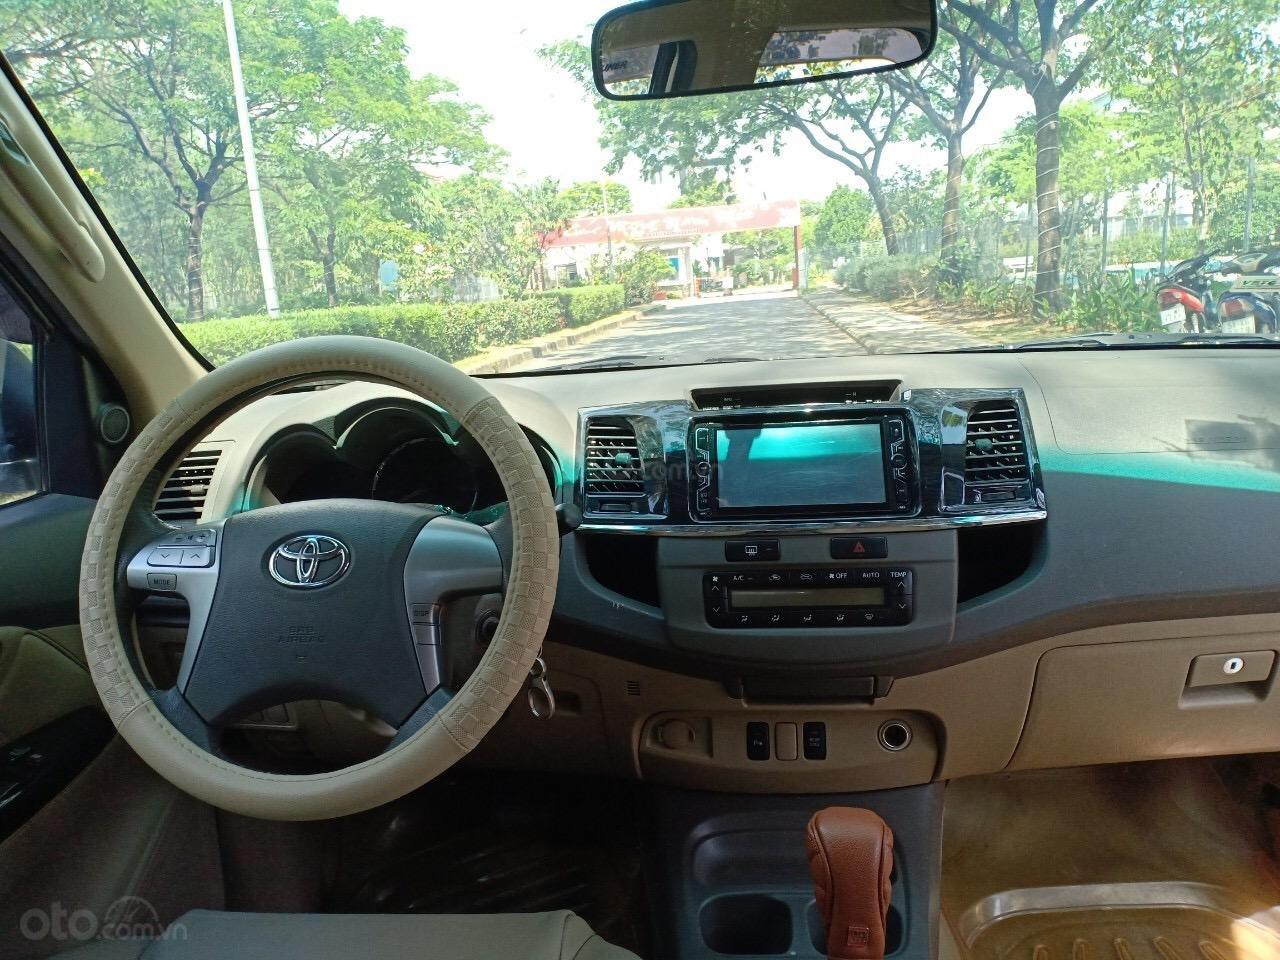 Bán Toyota Fortuner 2.7V năm 2013, xe nhà đi sử dụng kĩ, bán giá 665 triệu-6